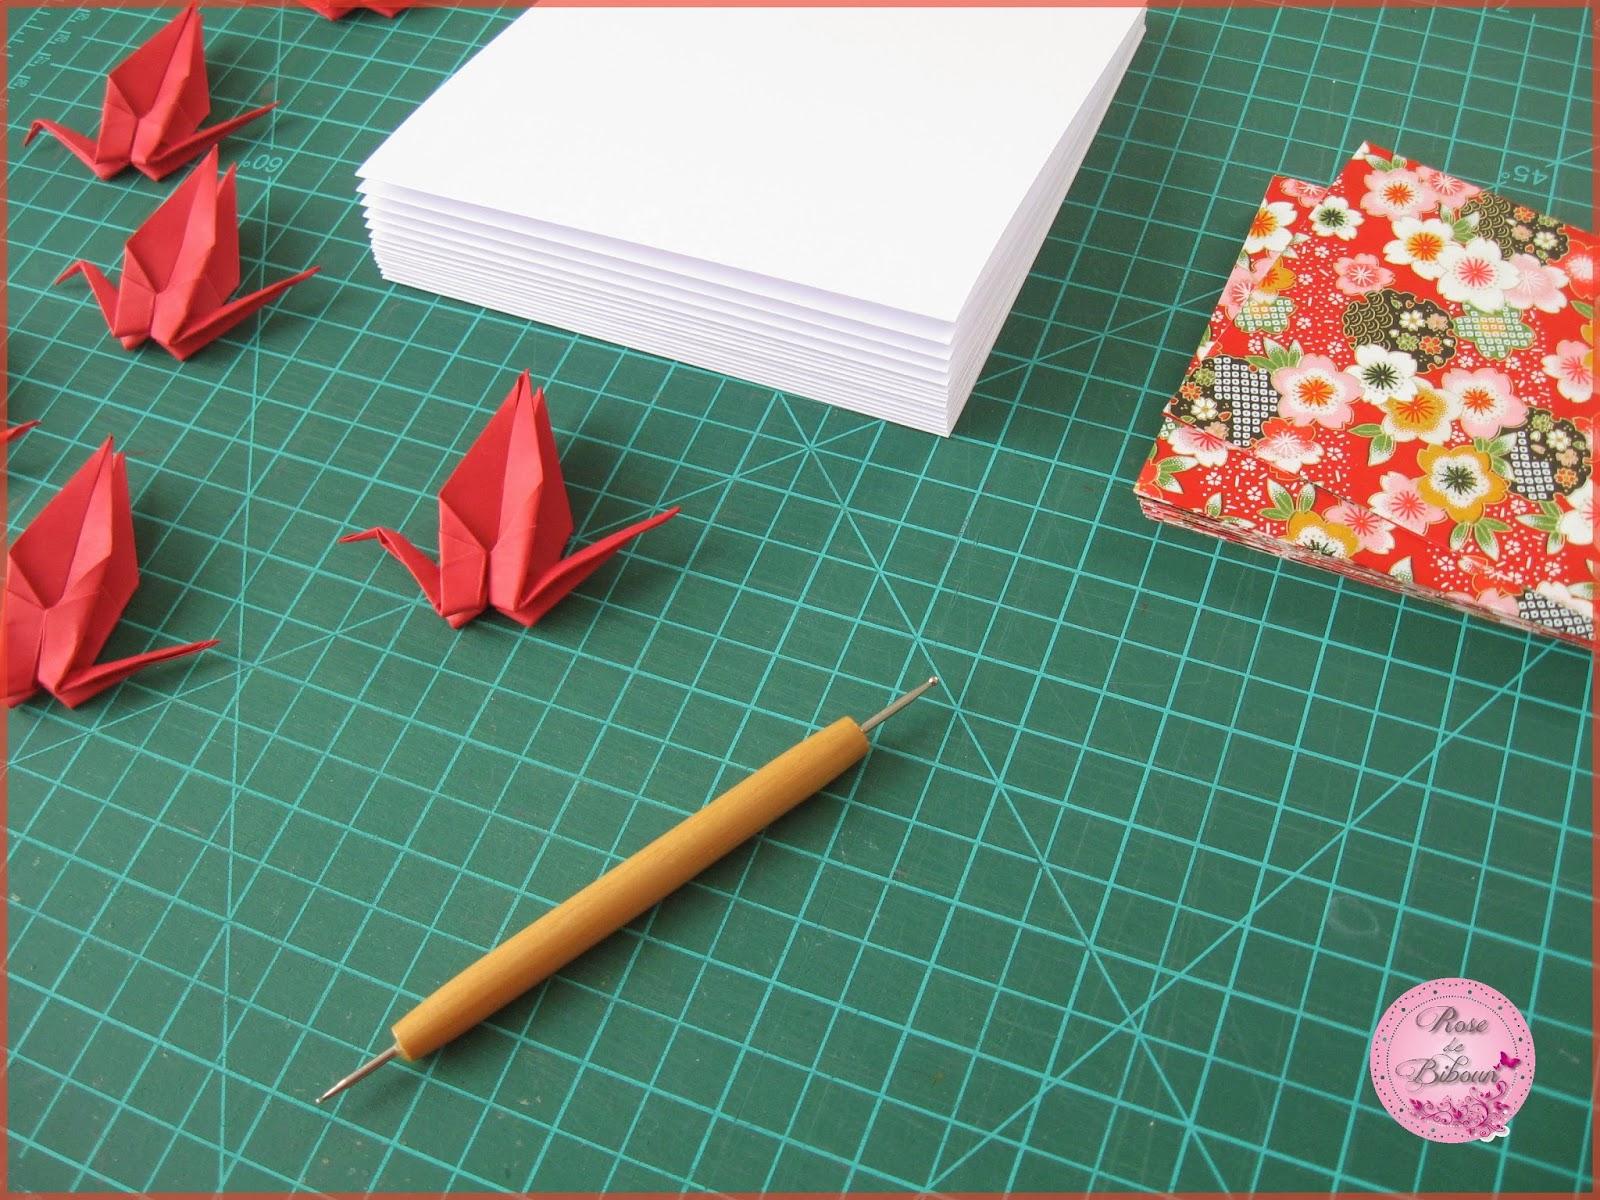 rose de biboun faire part de mariage et origami. Black Bedroom Furniture Sets. Home Design Ideas